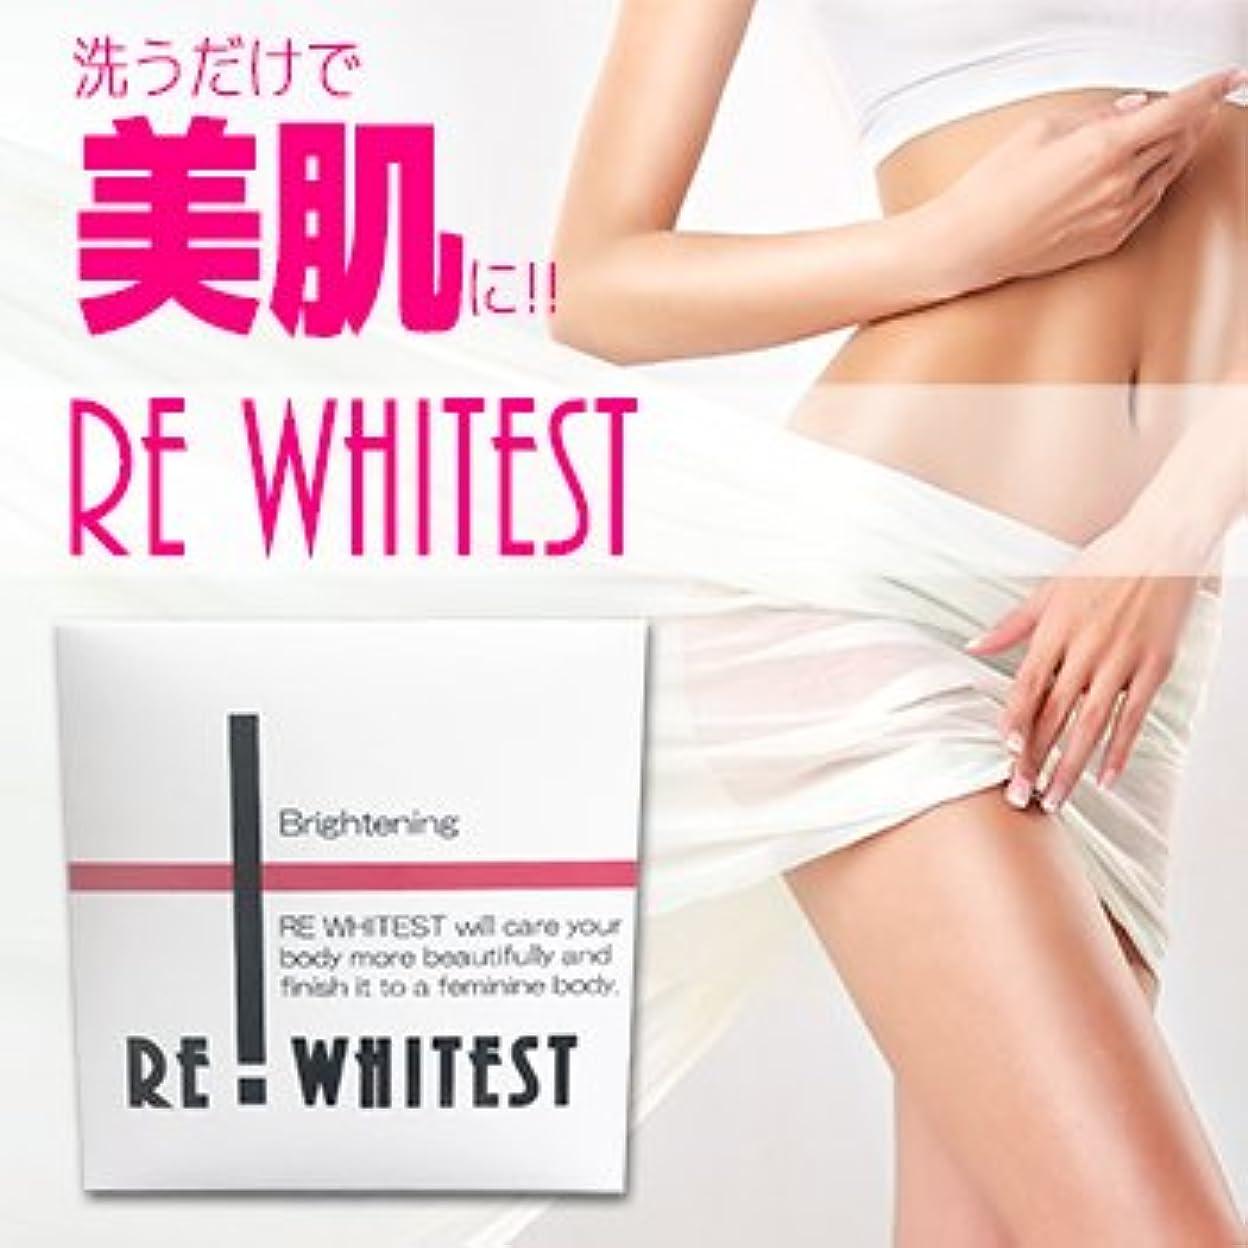 緑電極焼くパパイン+イソフラボン配合女性用美肌石鹸 REWHITEST-リホワイテスト-